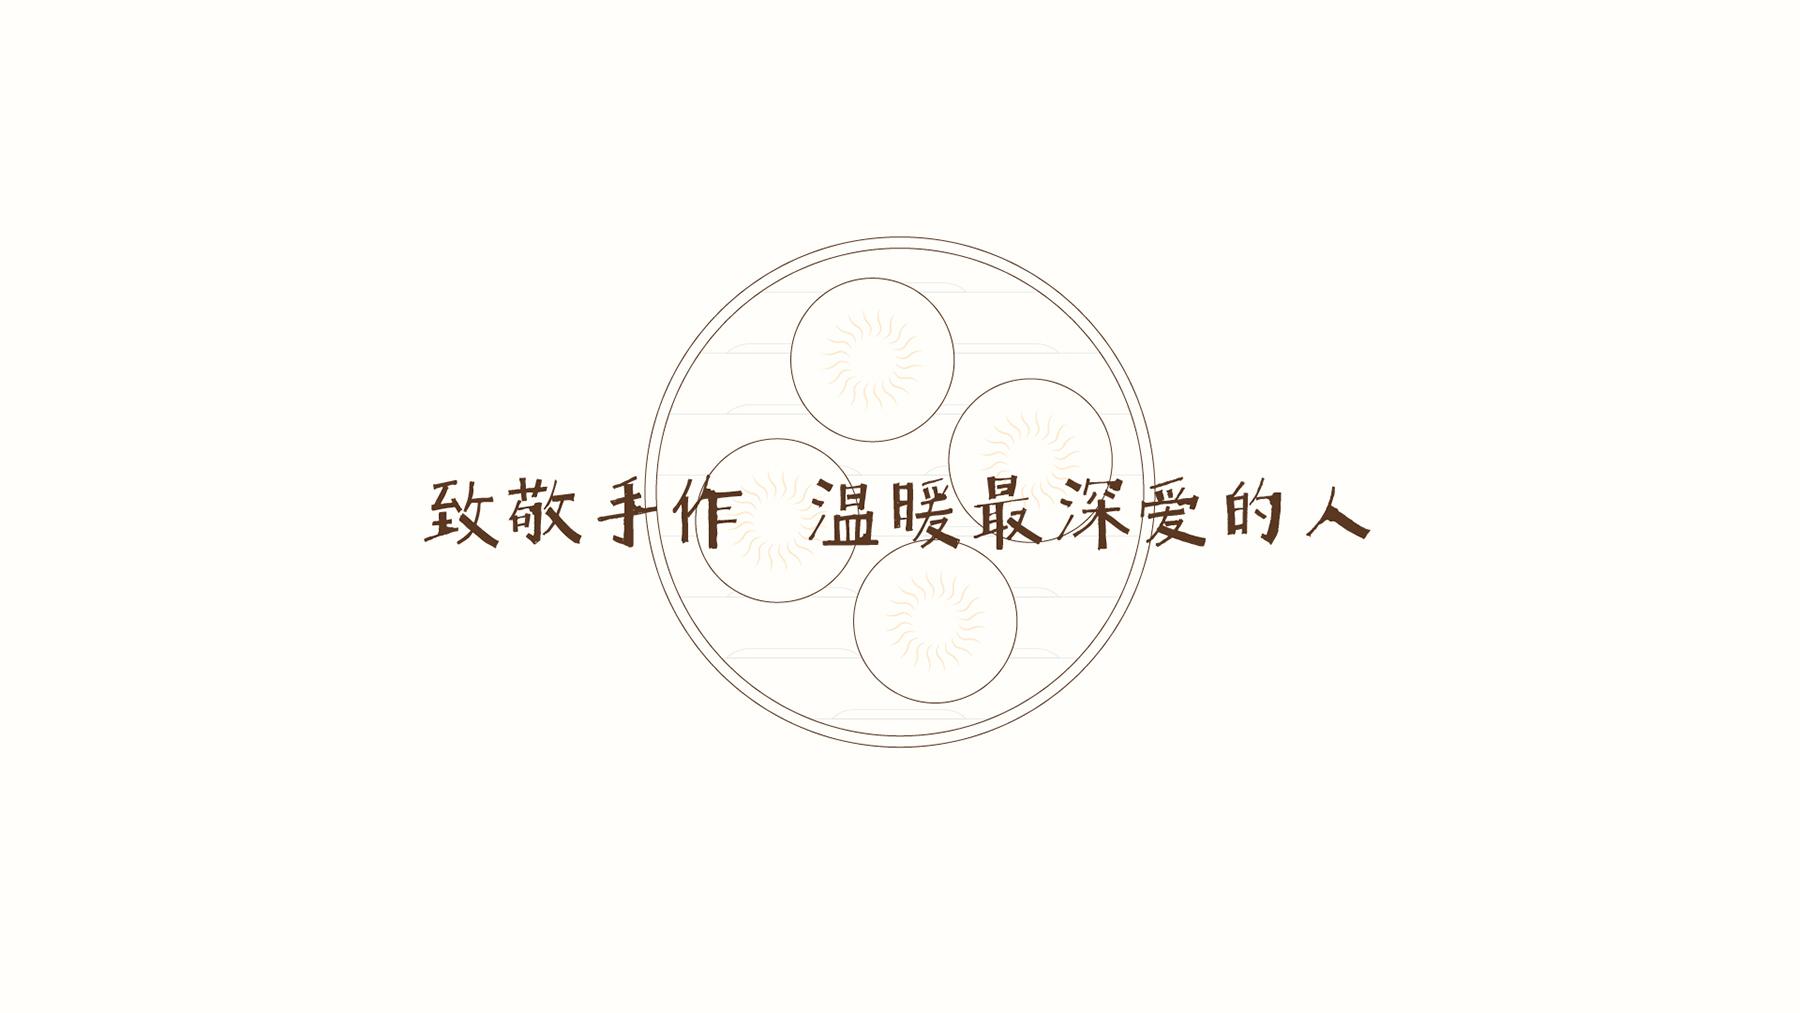 厘尔-品牌全案9